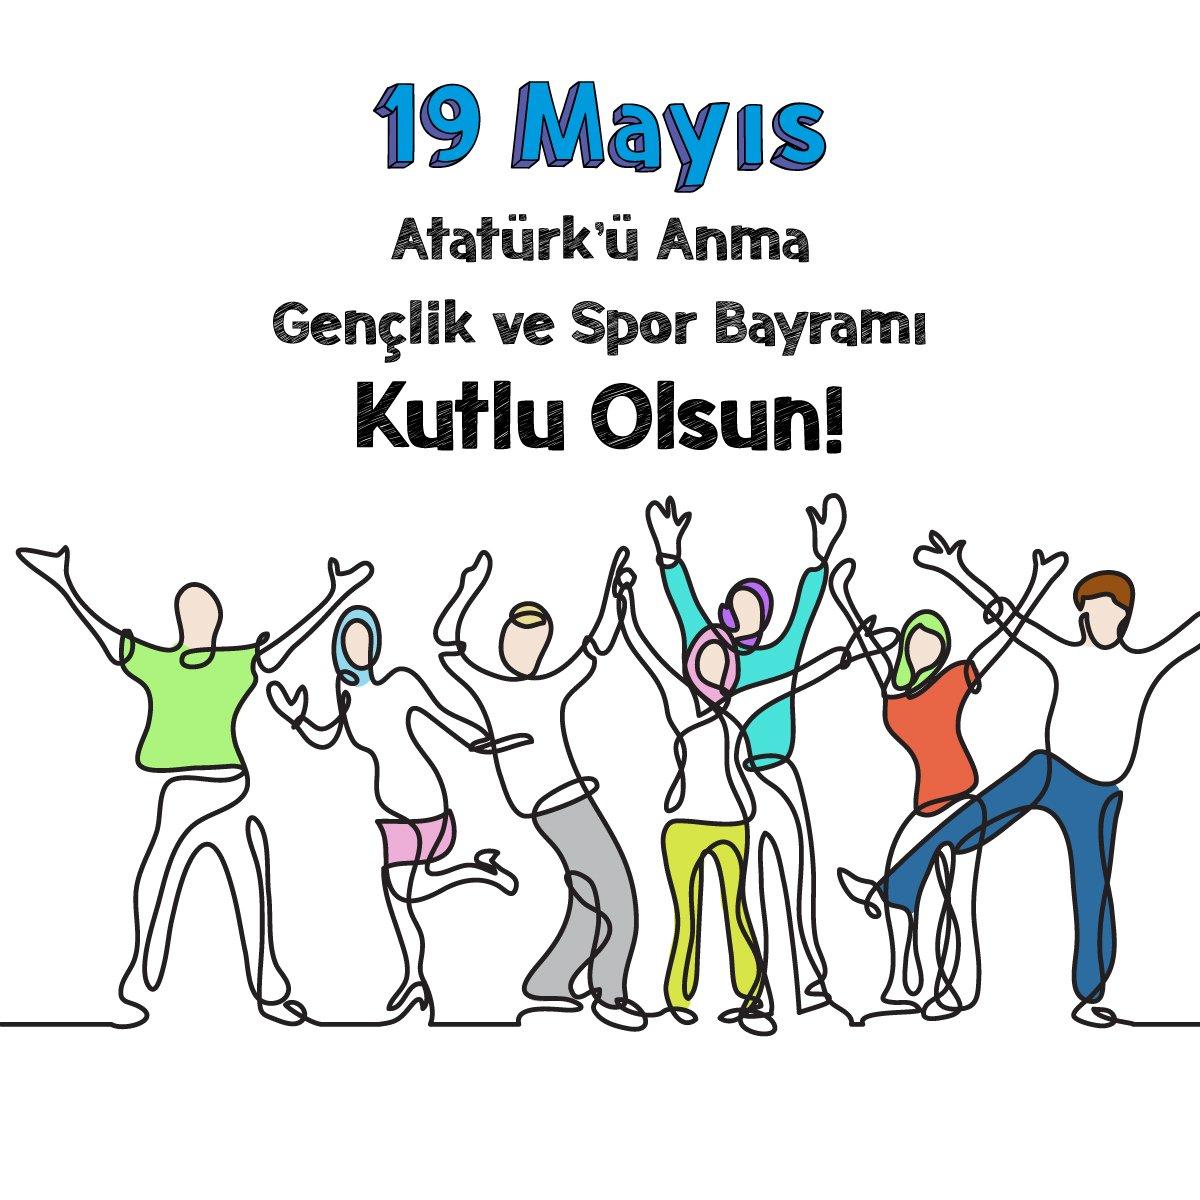 Stabilo Turkiye على تويتر Hayati Renklendiren Tum Genclerin 19